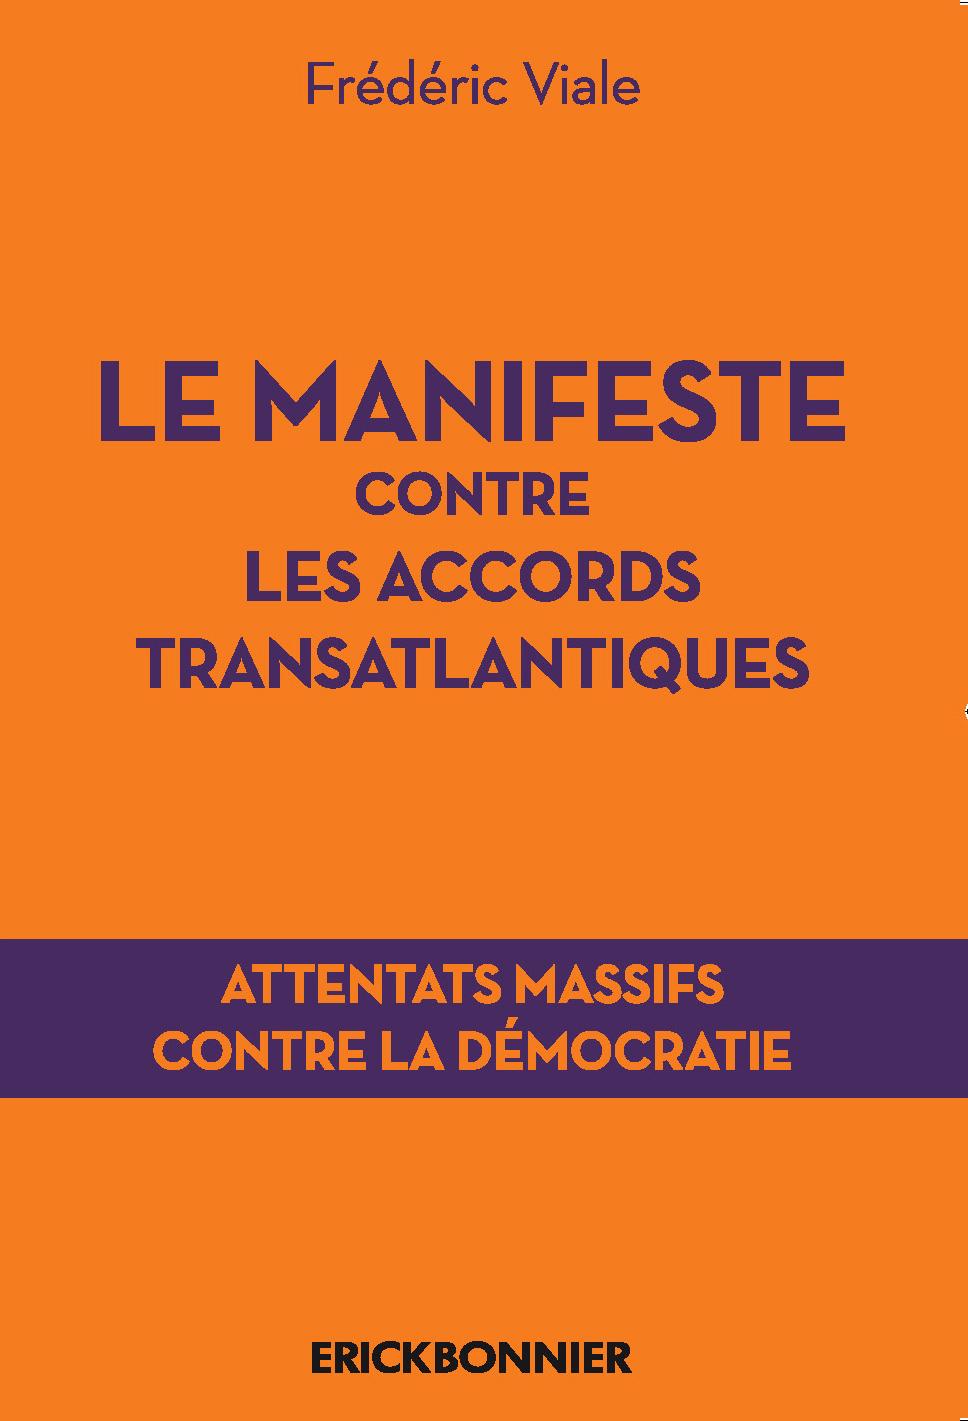 LE MANIFESTE CONTRE LES ACCORDS TRANSATLANTIQUES